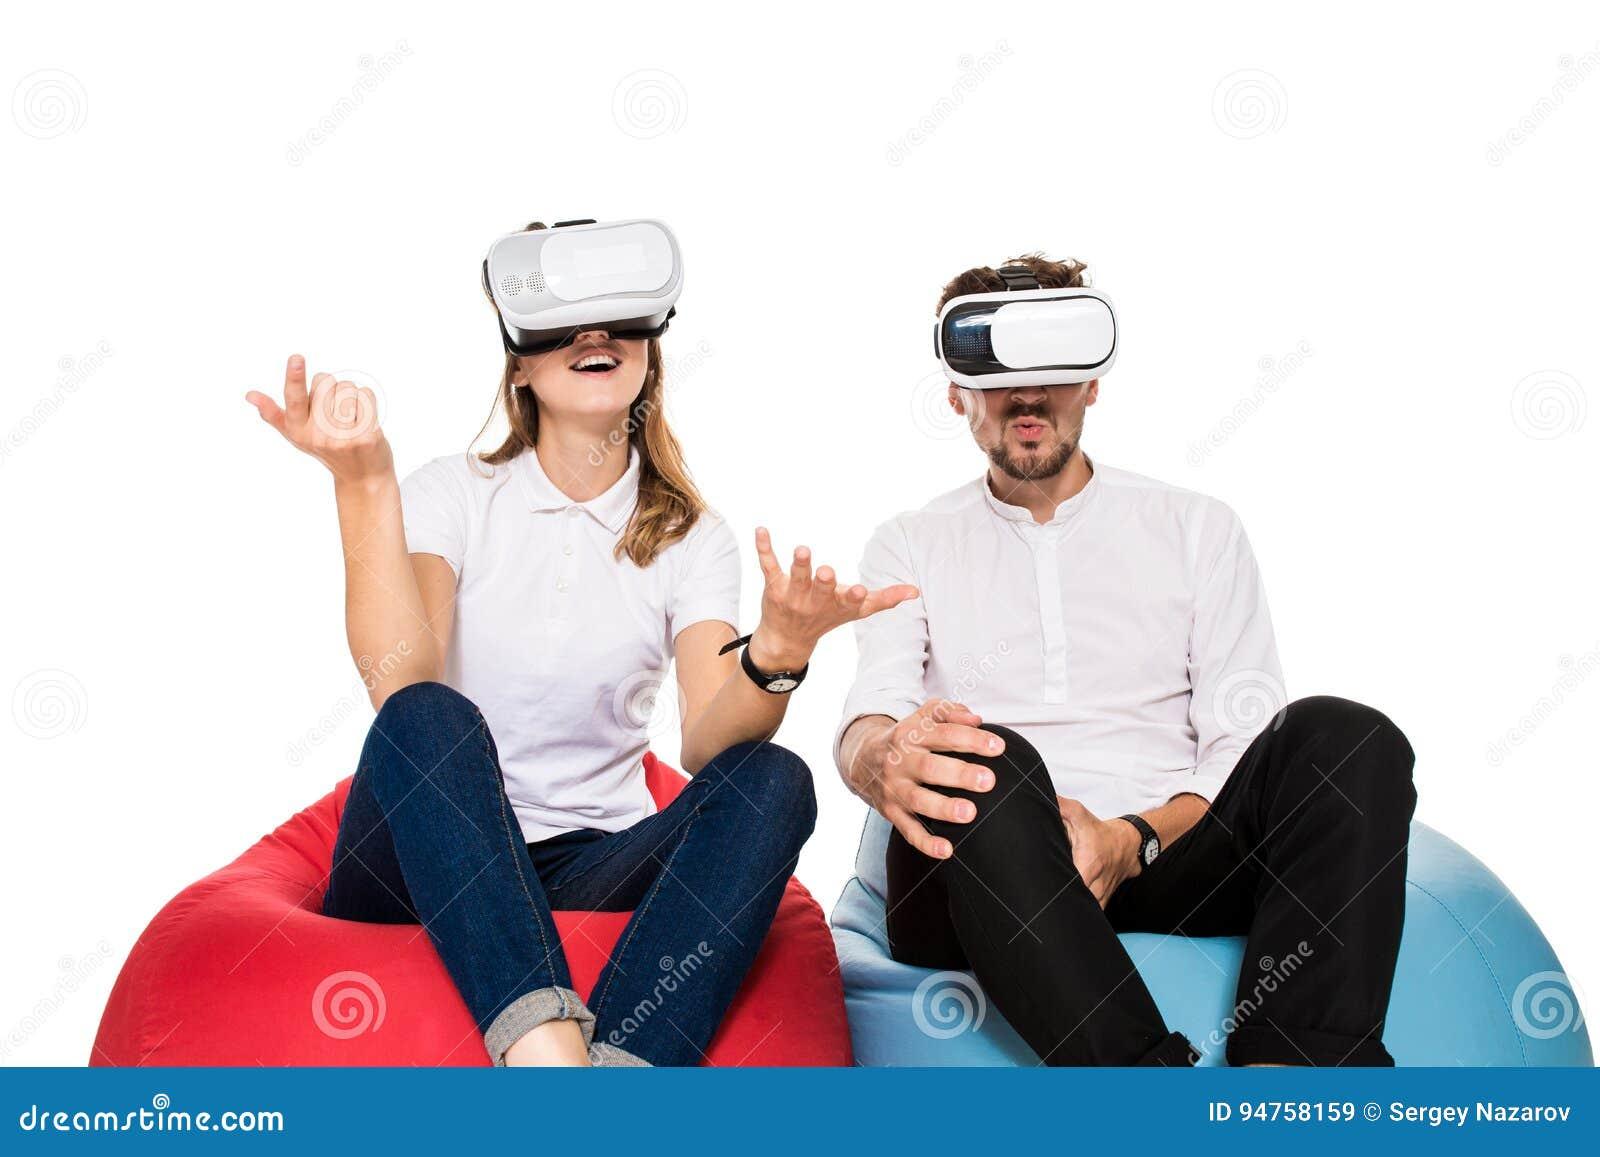 Aufgeregte junge Paare, welche die virtuelle Realität gesetzt auf den Sitzsäcken lokalisiert auf weißem Hintergrund erfahren